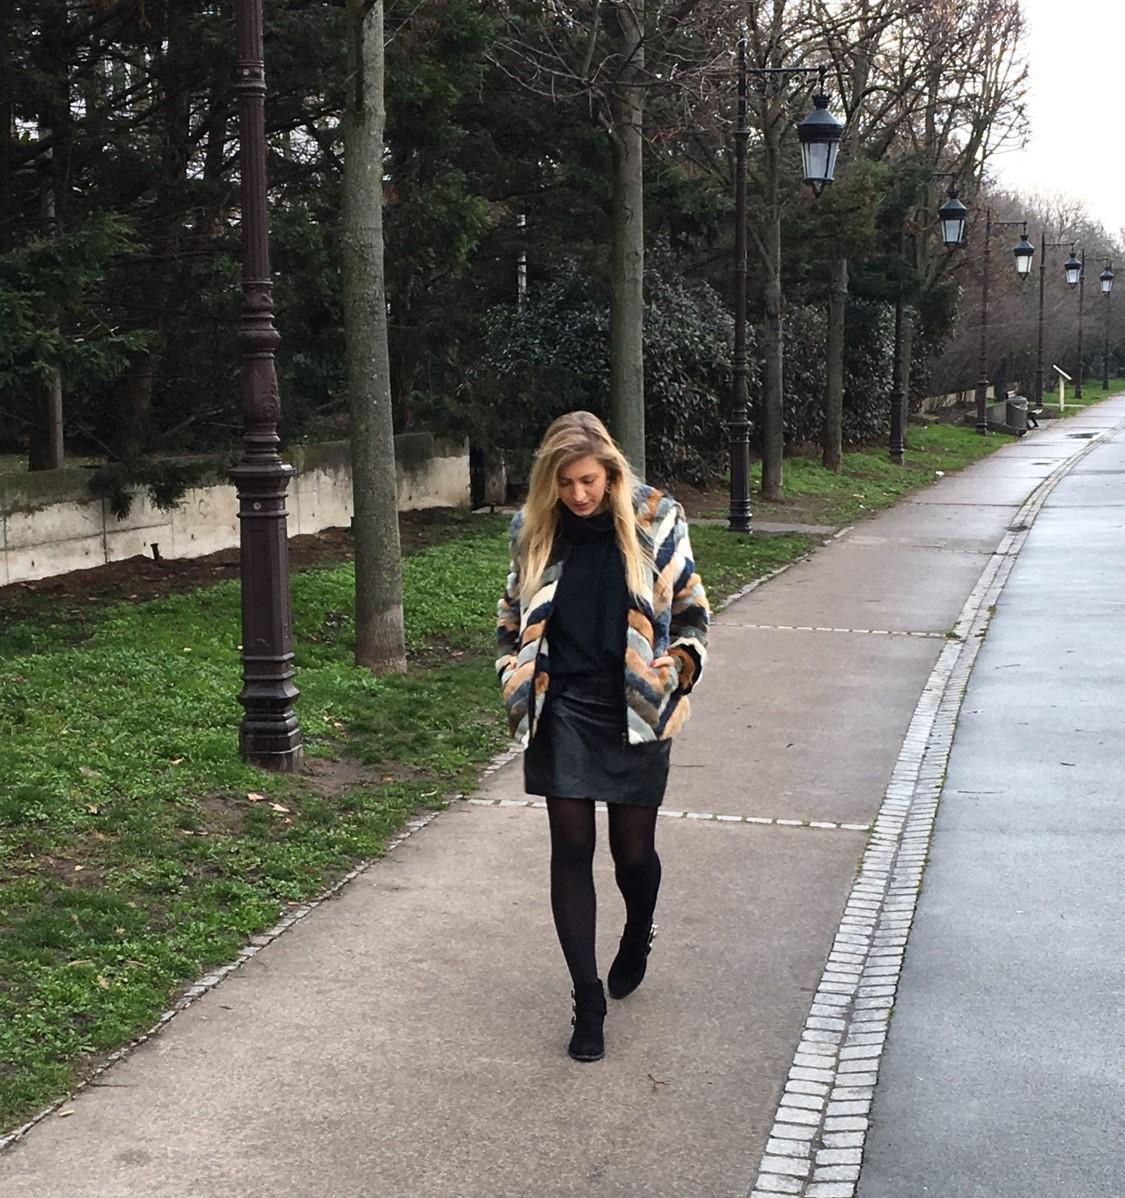 Mon beau manteau en fausse fourrure _ image 2